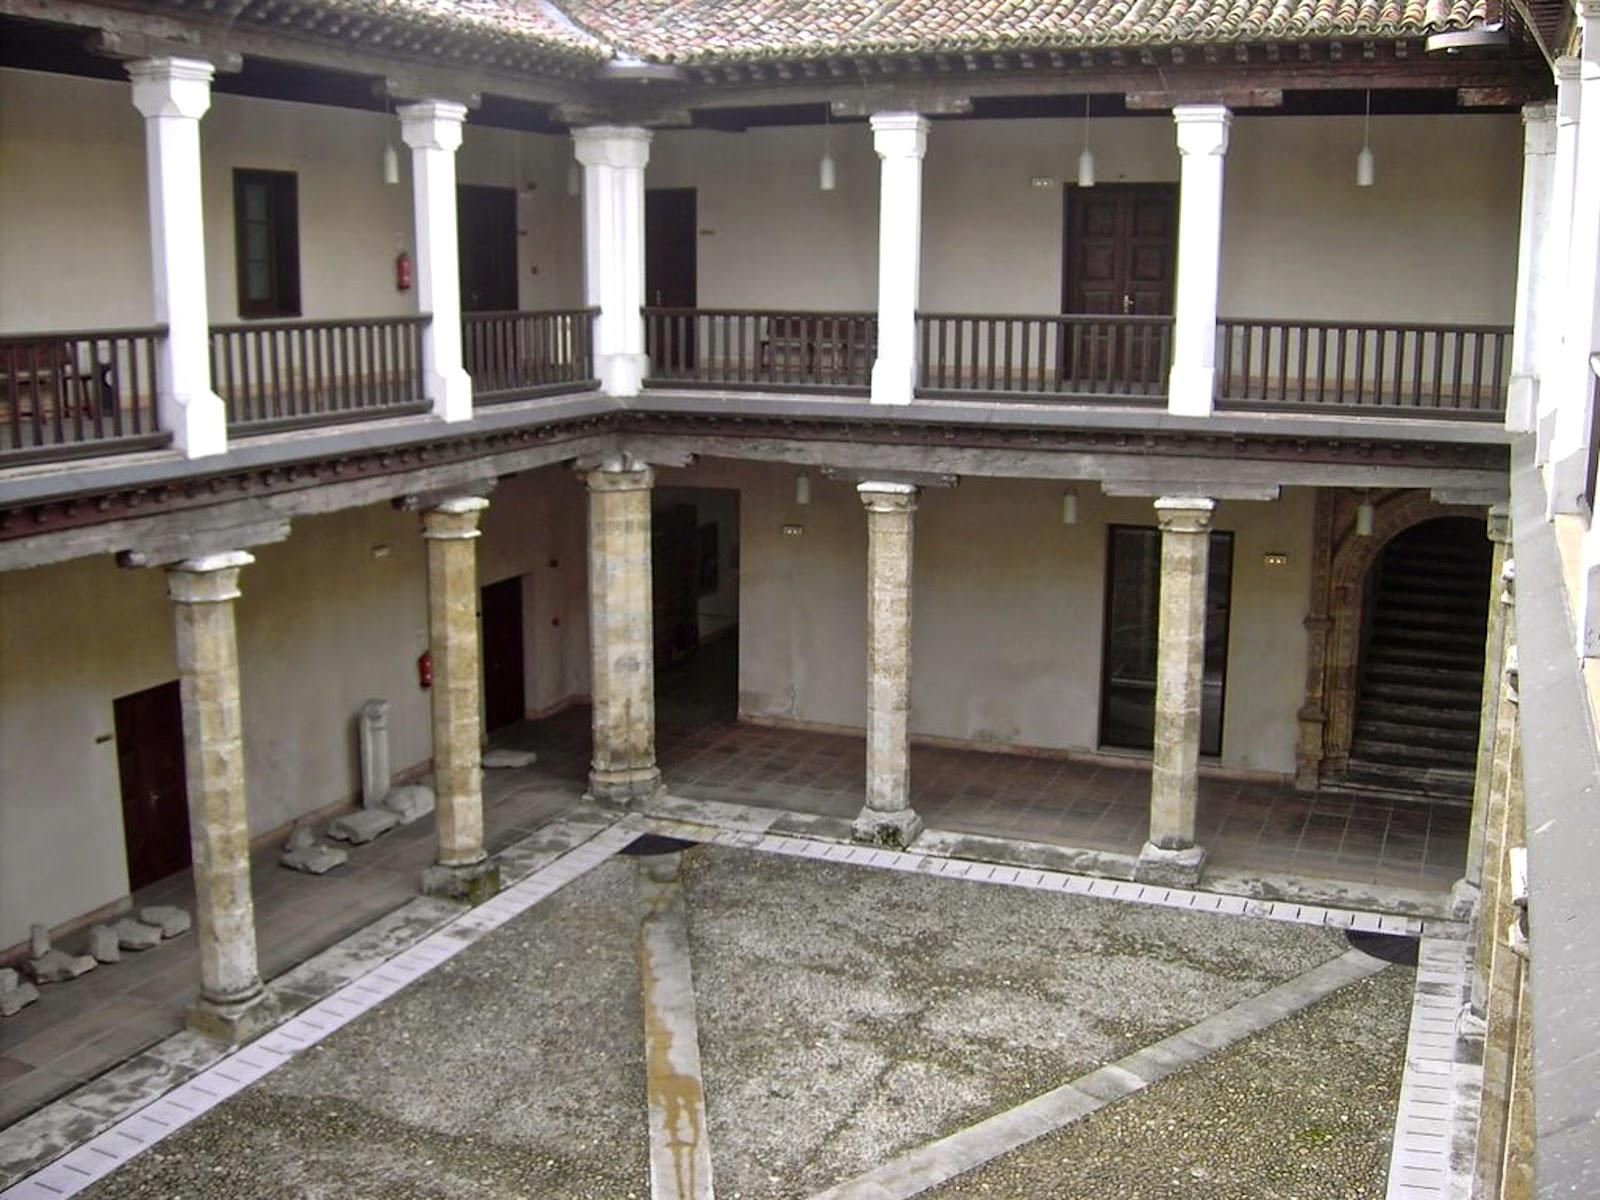 Buscando montsalvatge valladolid palacio de los vivero for Viveros valladolid